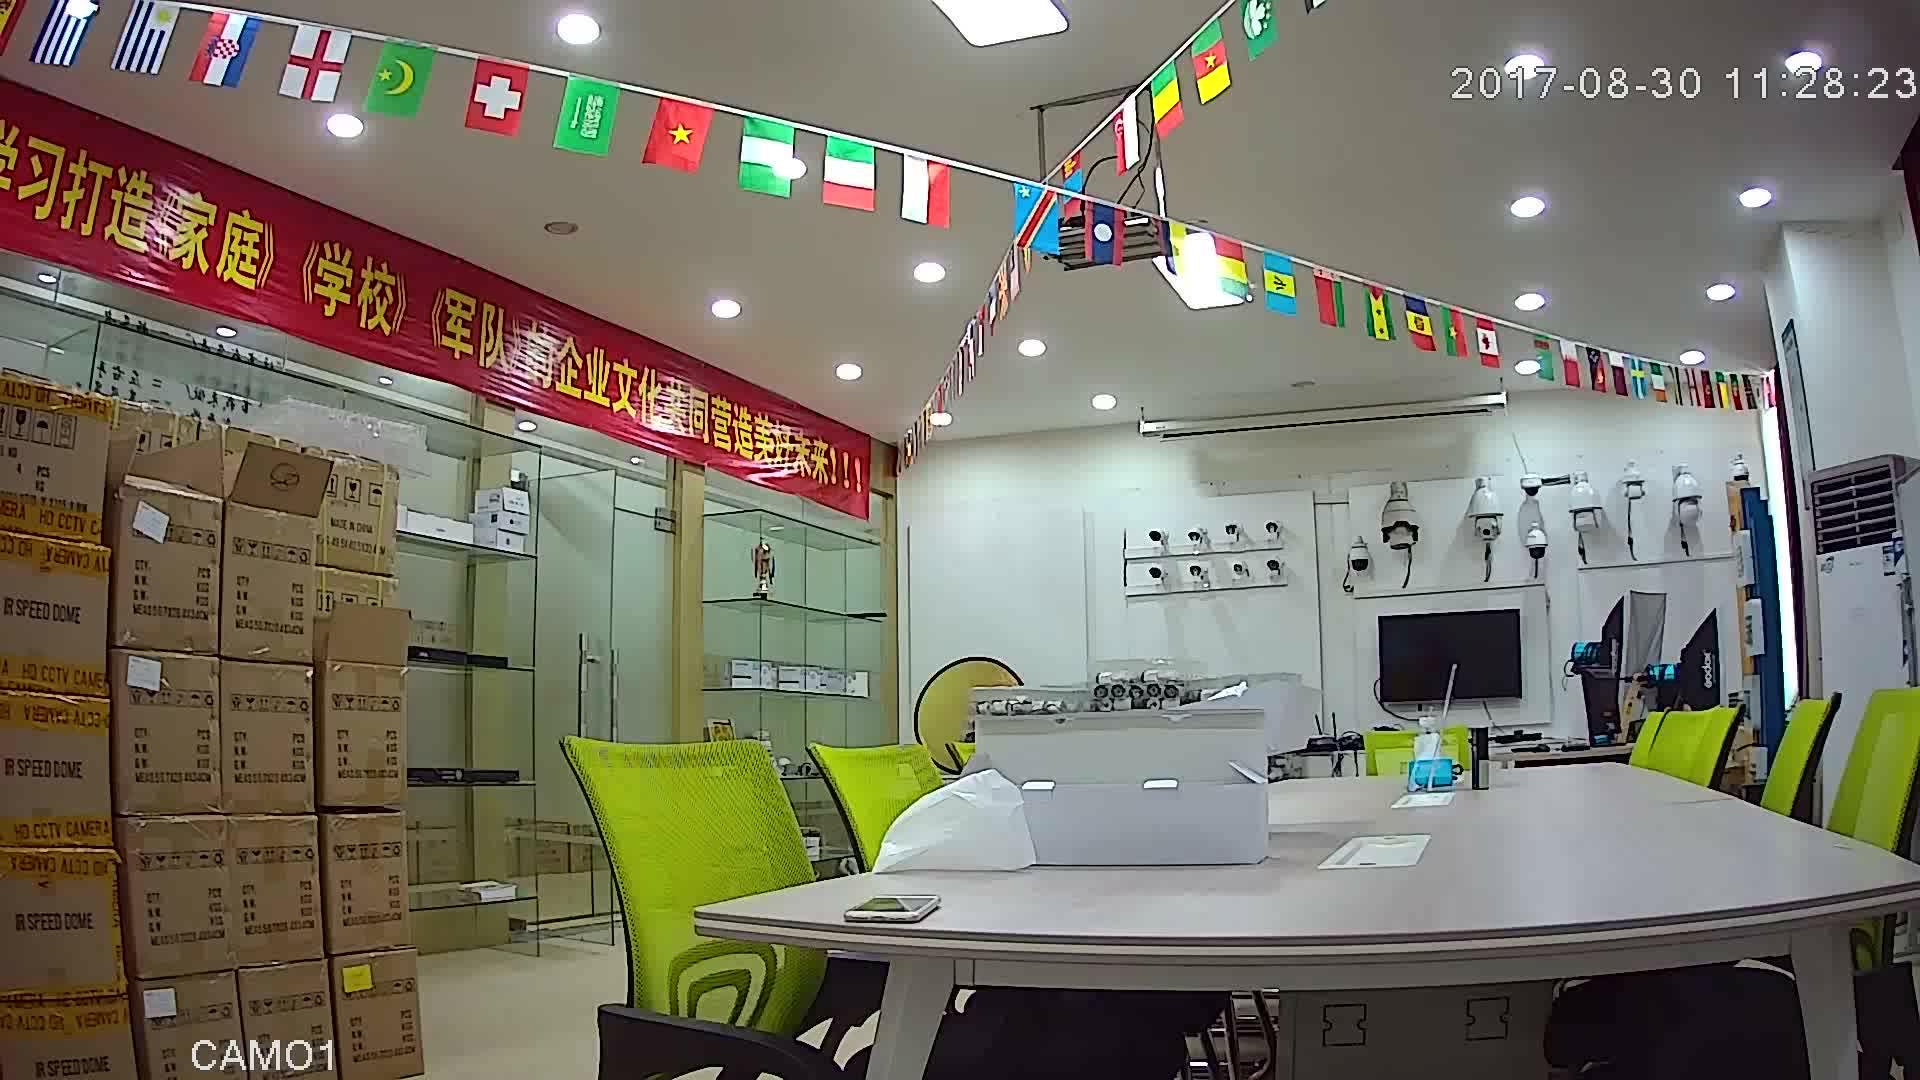 新しいプライベート金型 720 1080P 960 1080P 1080 1080P アナログ CCTV 赤外線弾丸 130 ピクセル AHD カメラ